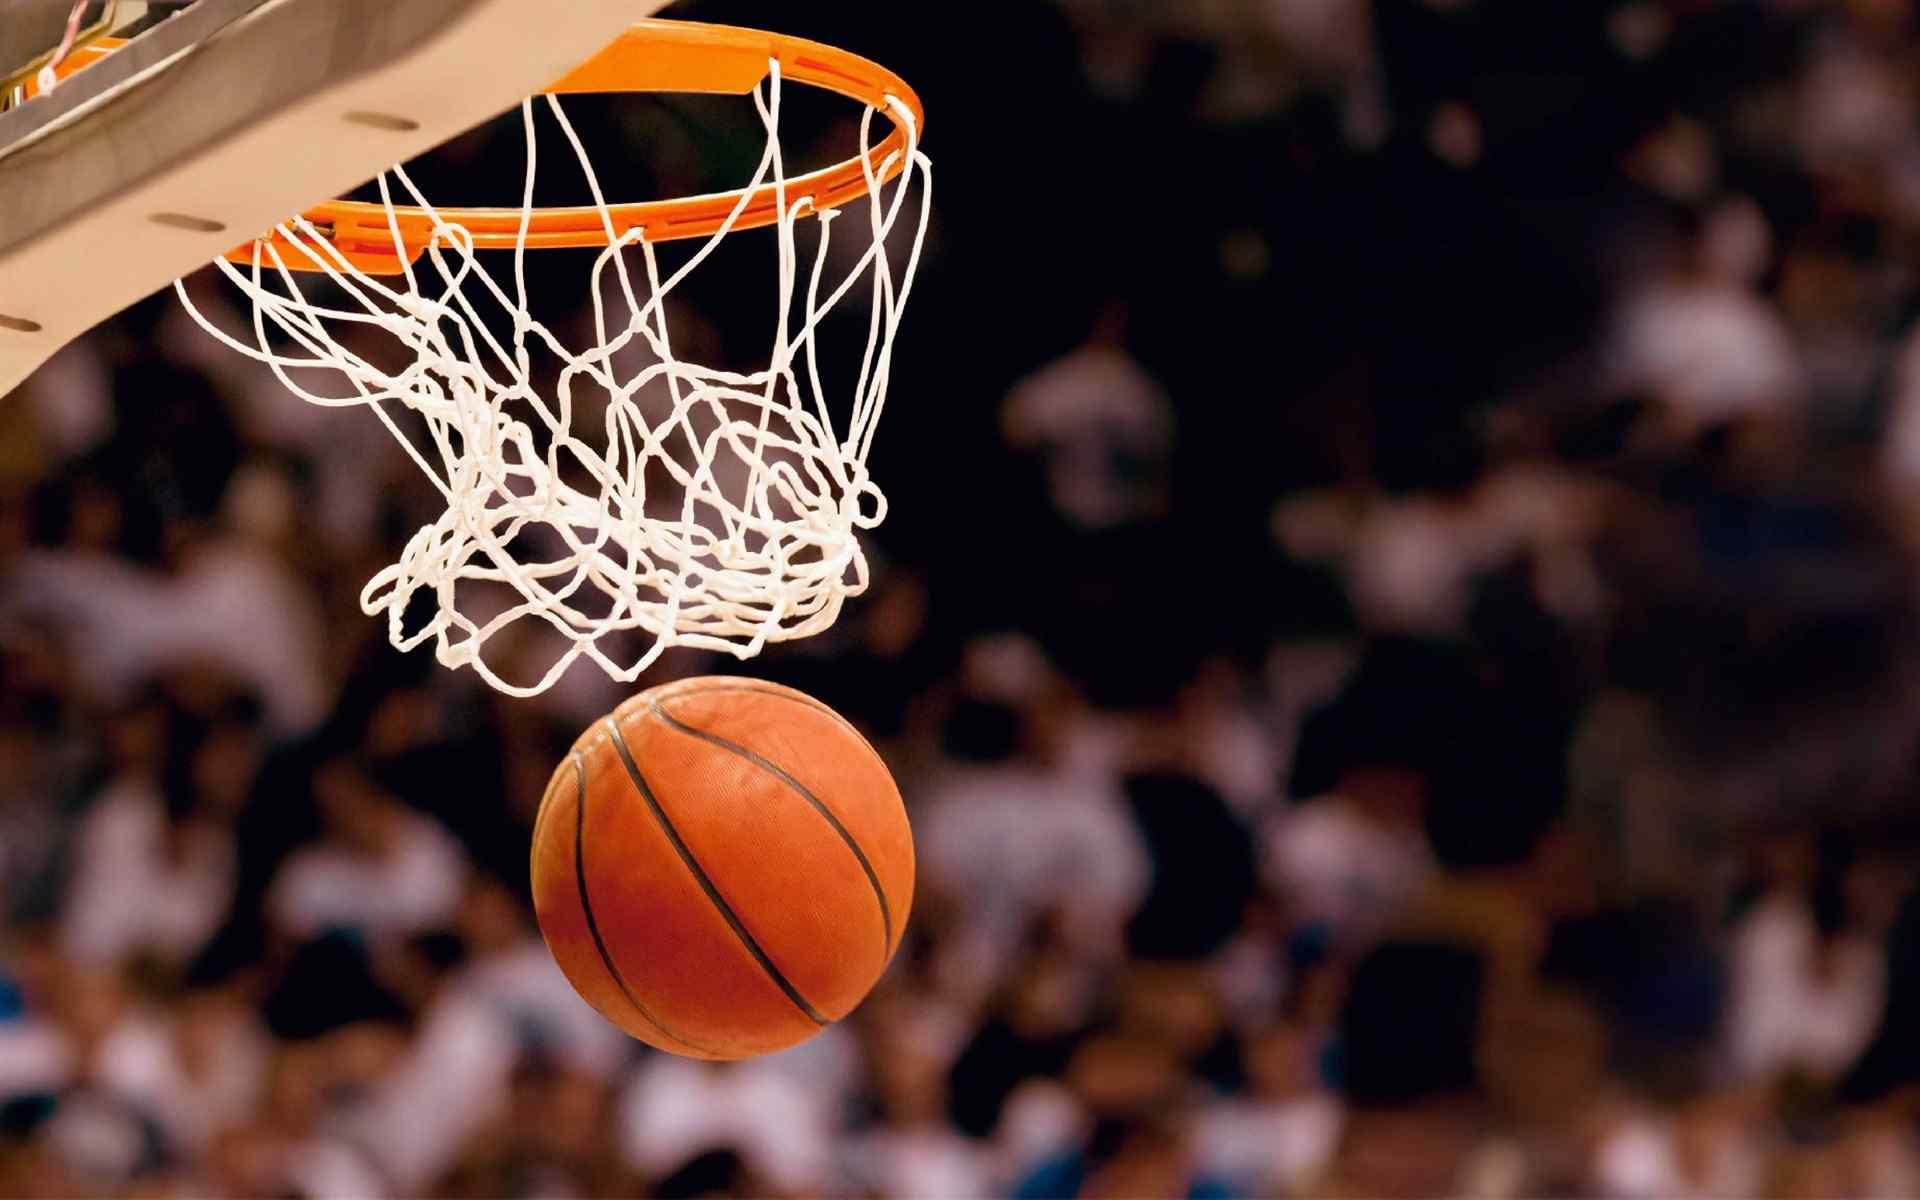 nba篮球入篮精彩瞬间高清桌面壁纸